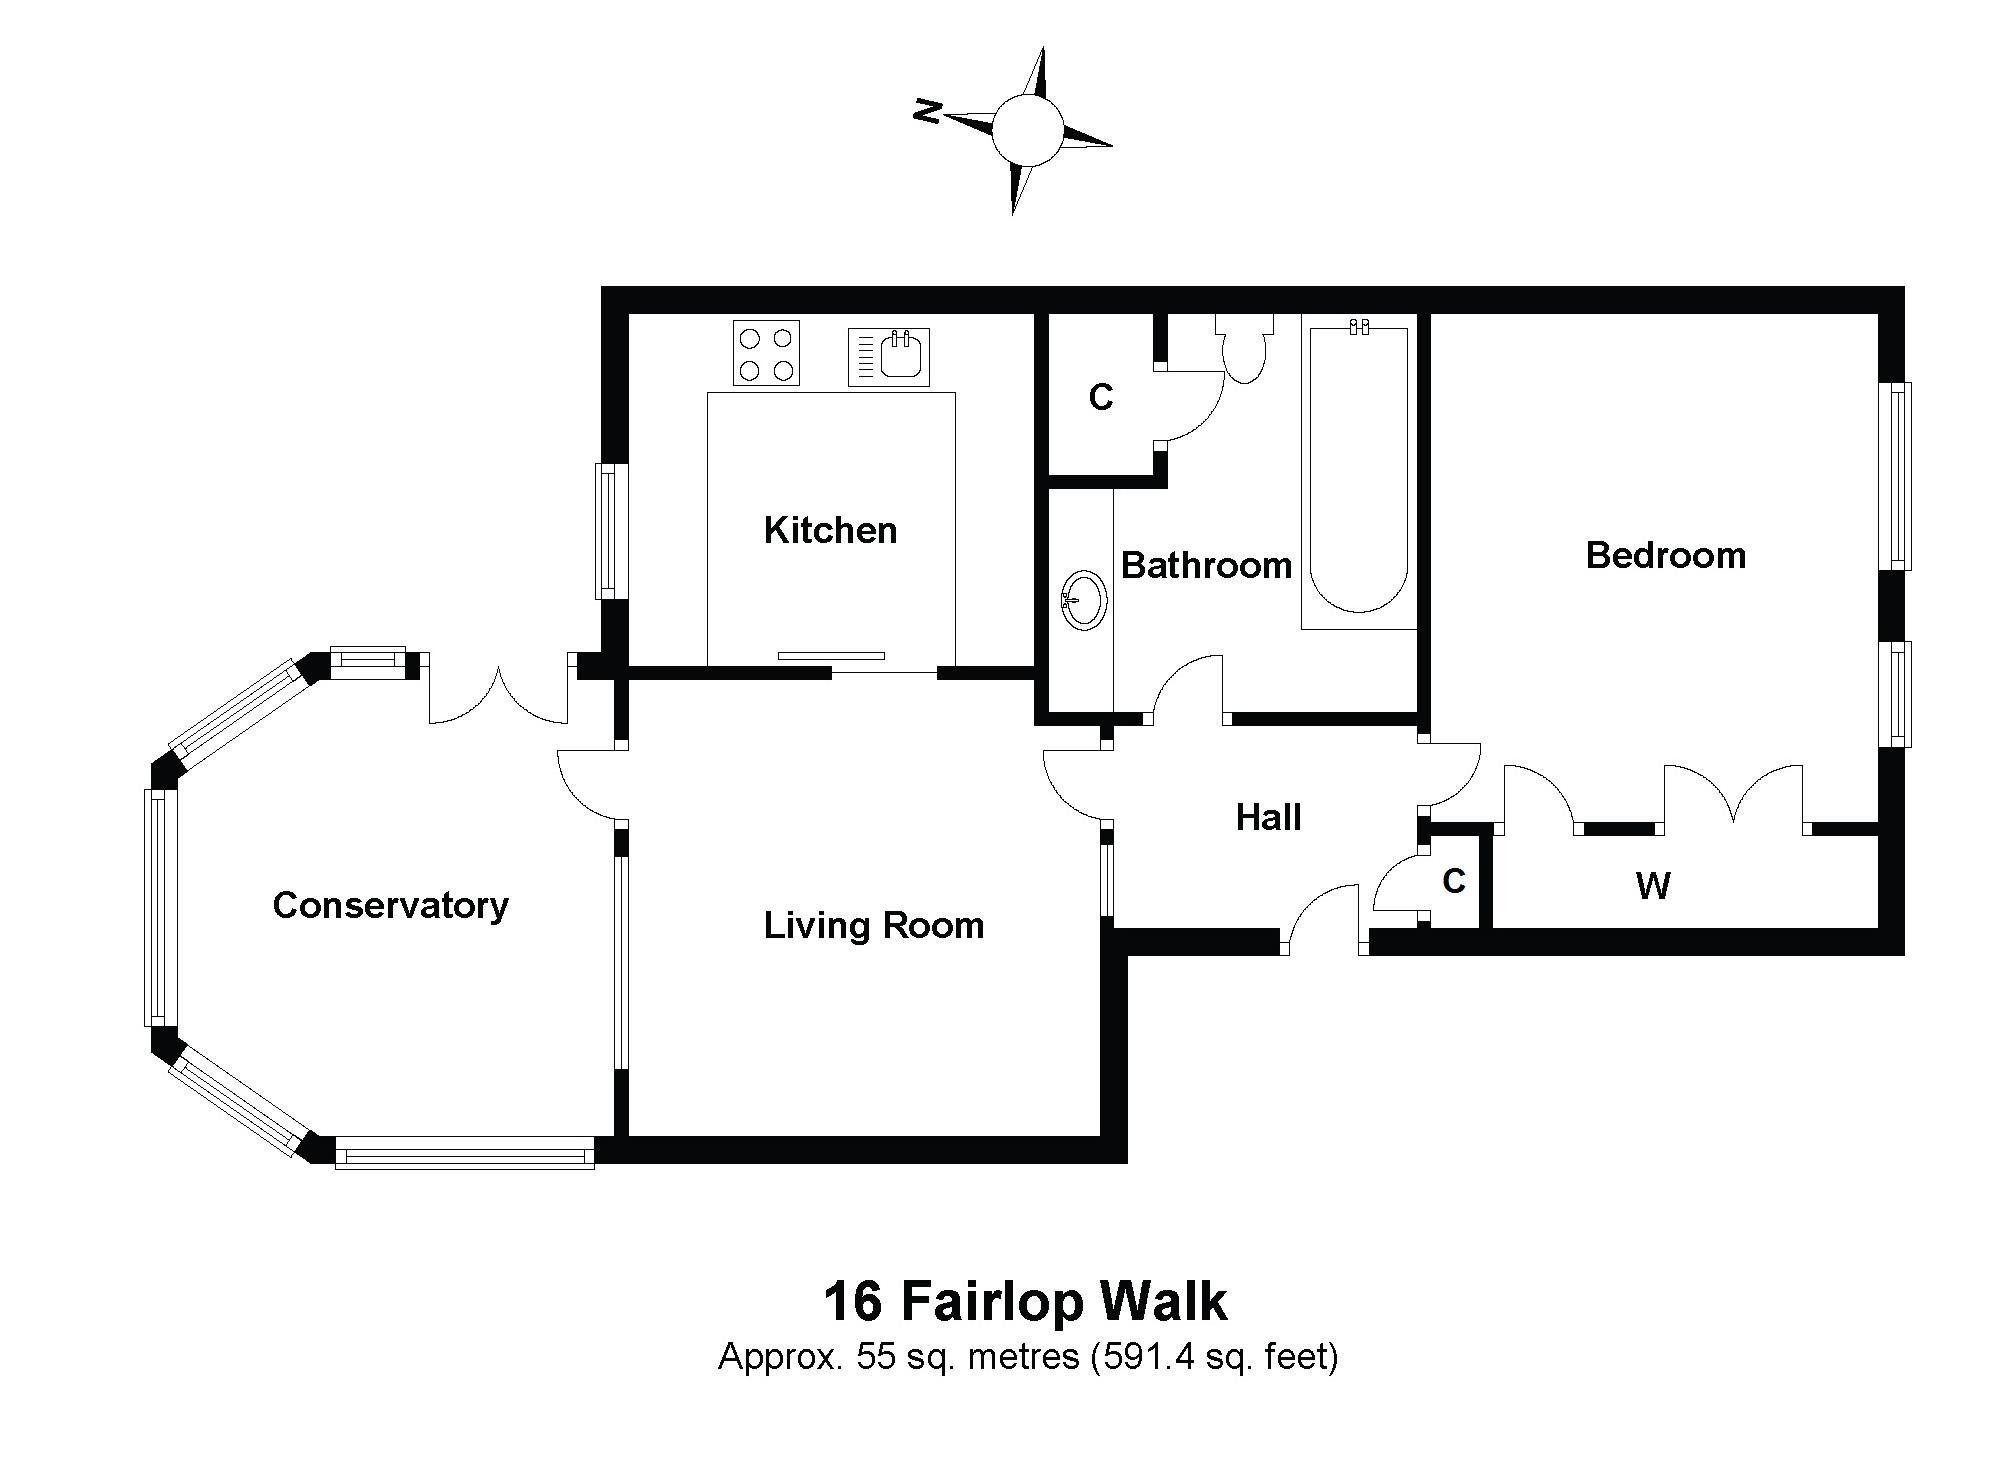 16 Fairlop Walk Floorplan